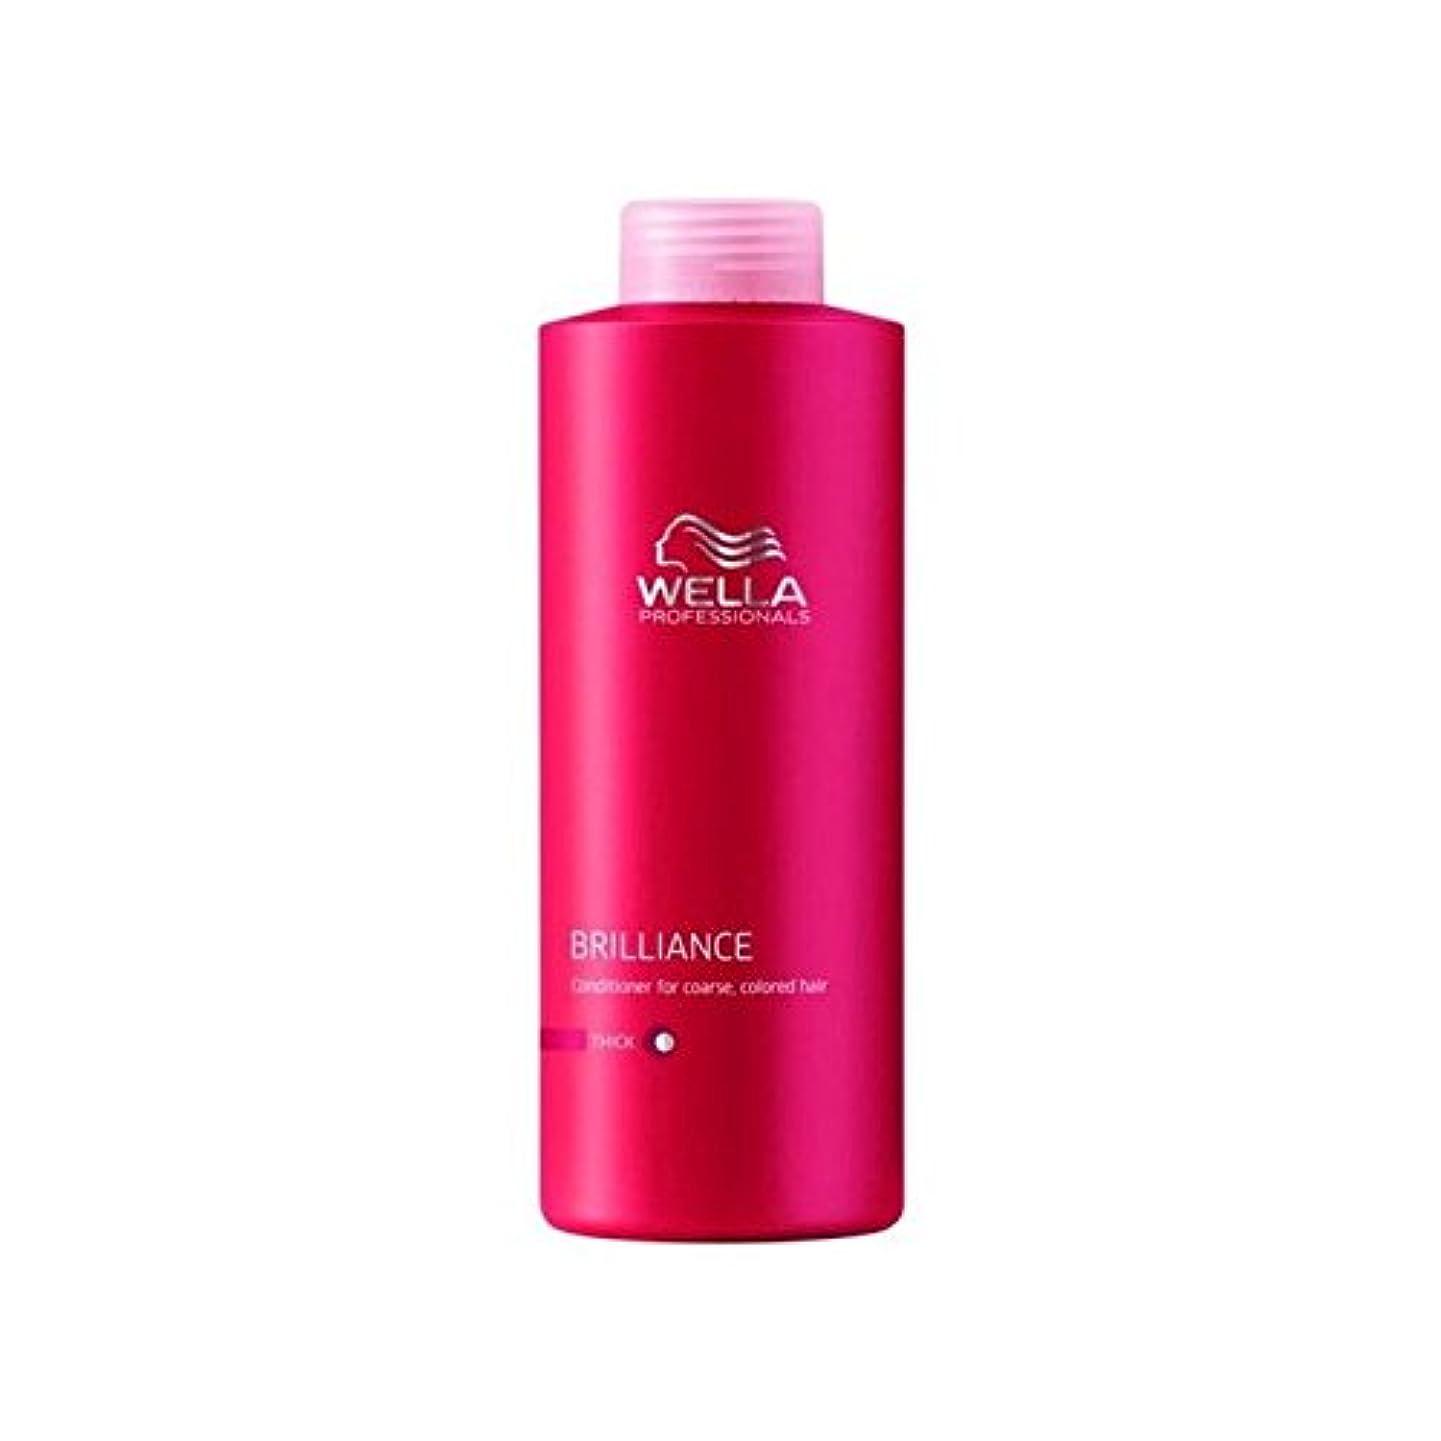 出くわすボーダーメダリストウェラの専門家は粗いコンディショナー(千ミリリットル)をブリリアンス x2 - Wella Professionals Brilliance Coarse Conditioner (1000ml) (Pack of 2)...